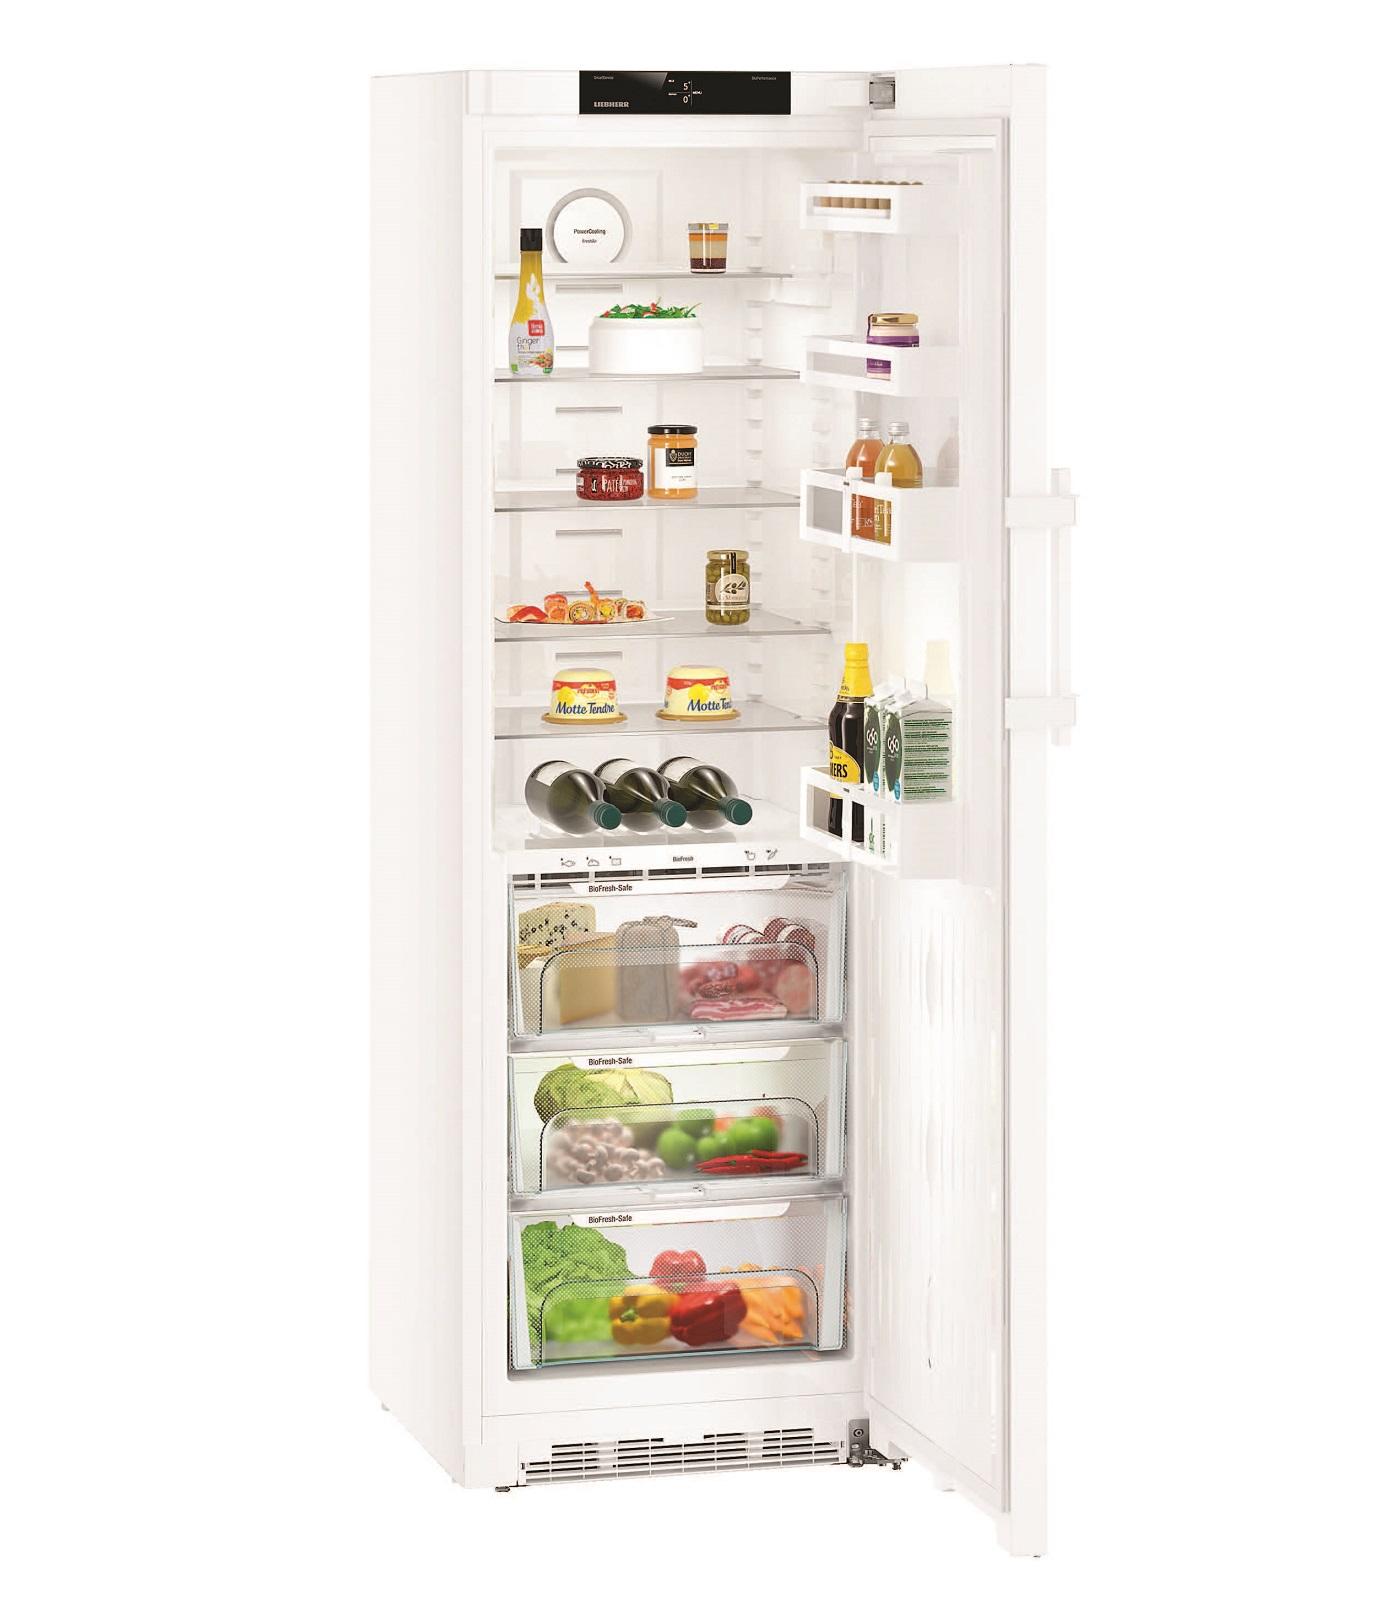 Однокамерный холодильник Liebherr KB 4330 купить украина